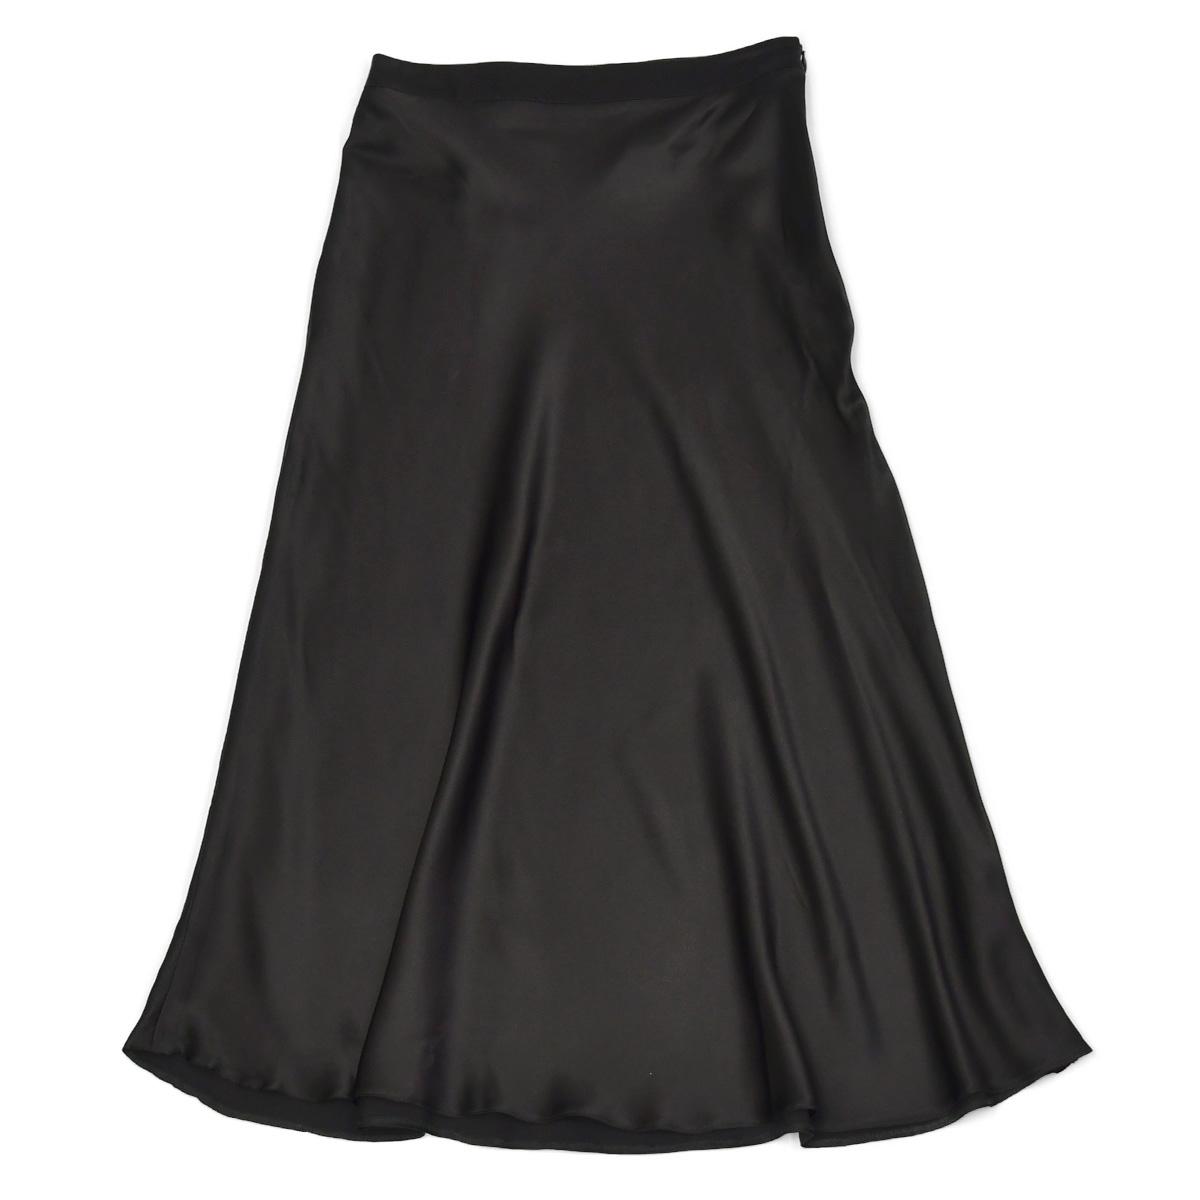 Borelio【ボレリオ】フレアスカート Amy 93000 99 シルク ポリウレタン ブラック